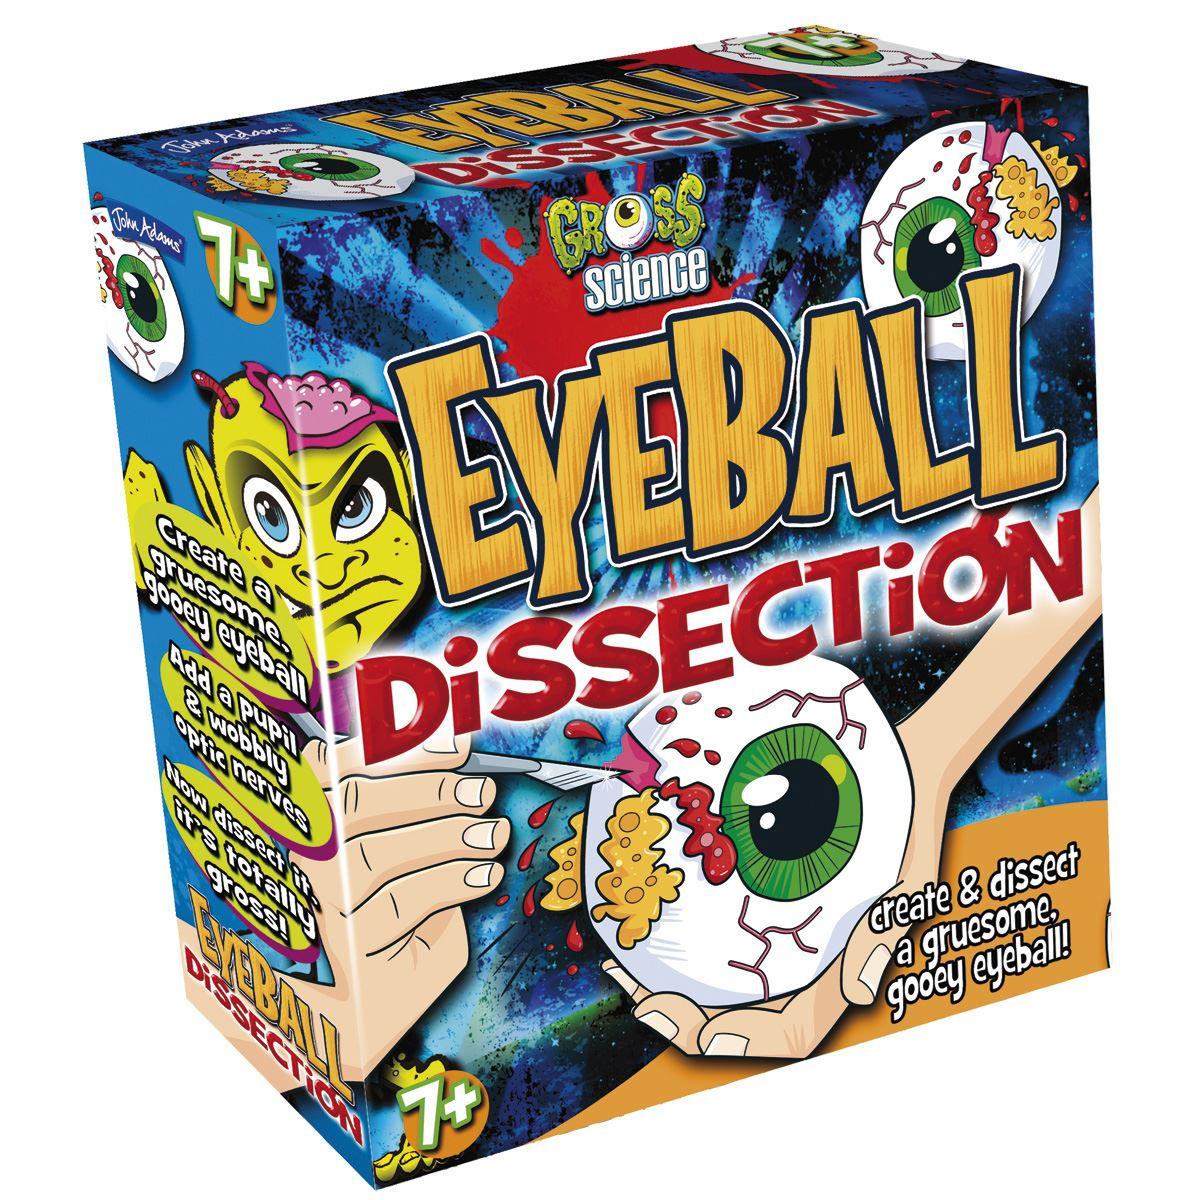 Eyeball Dissection Kit